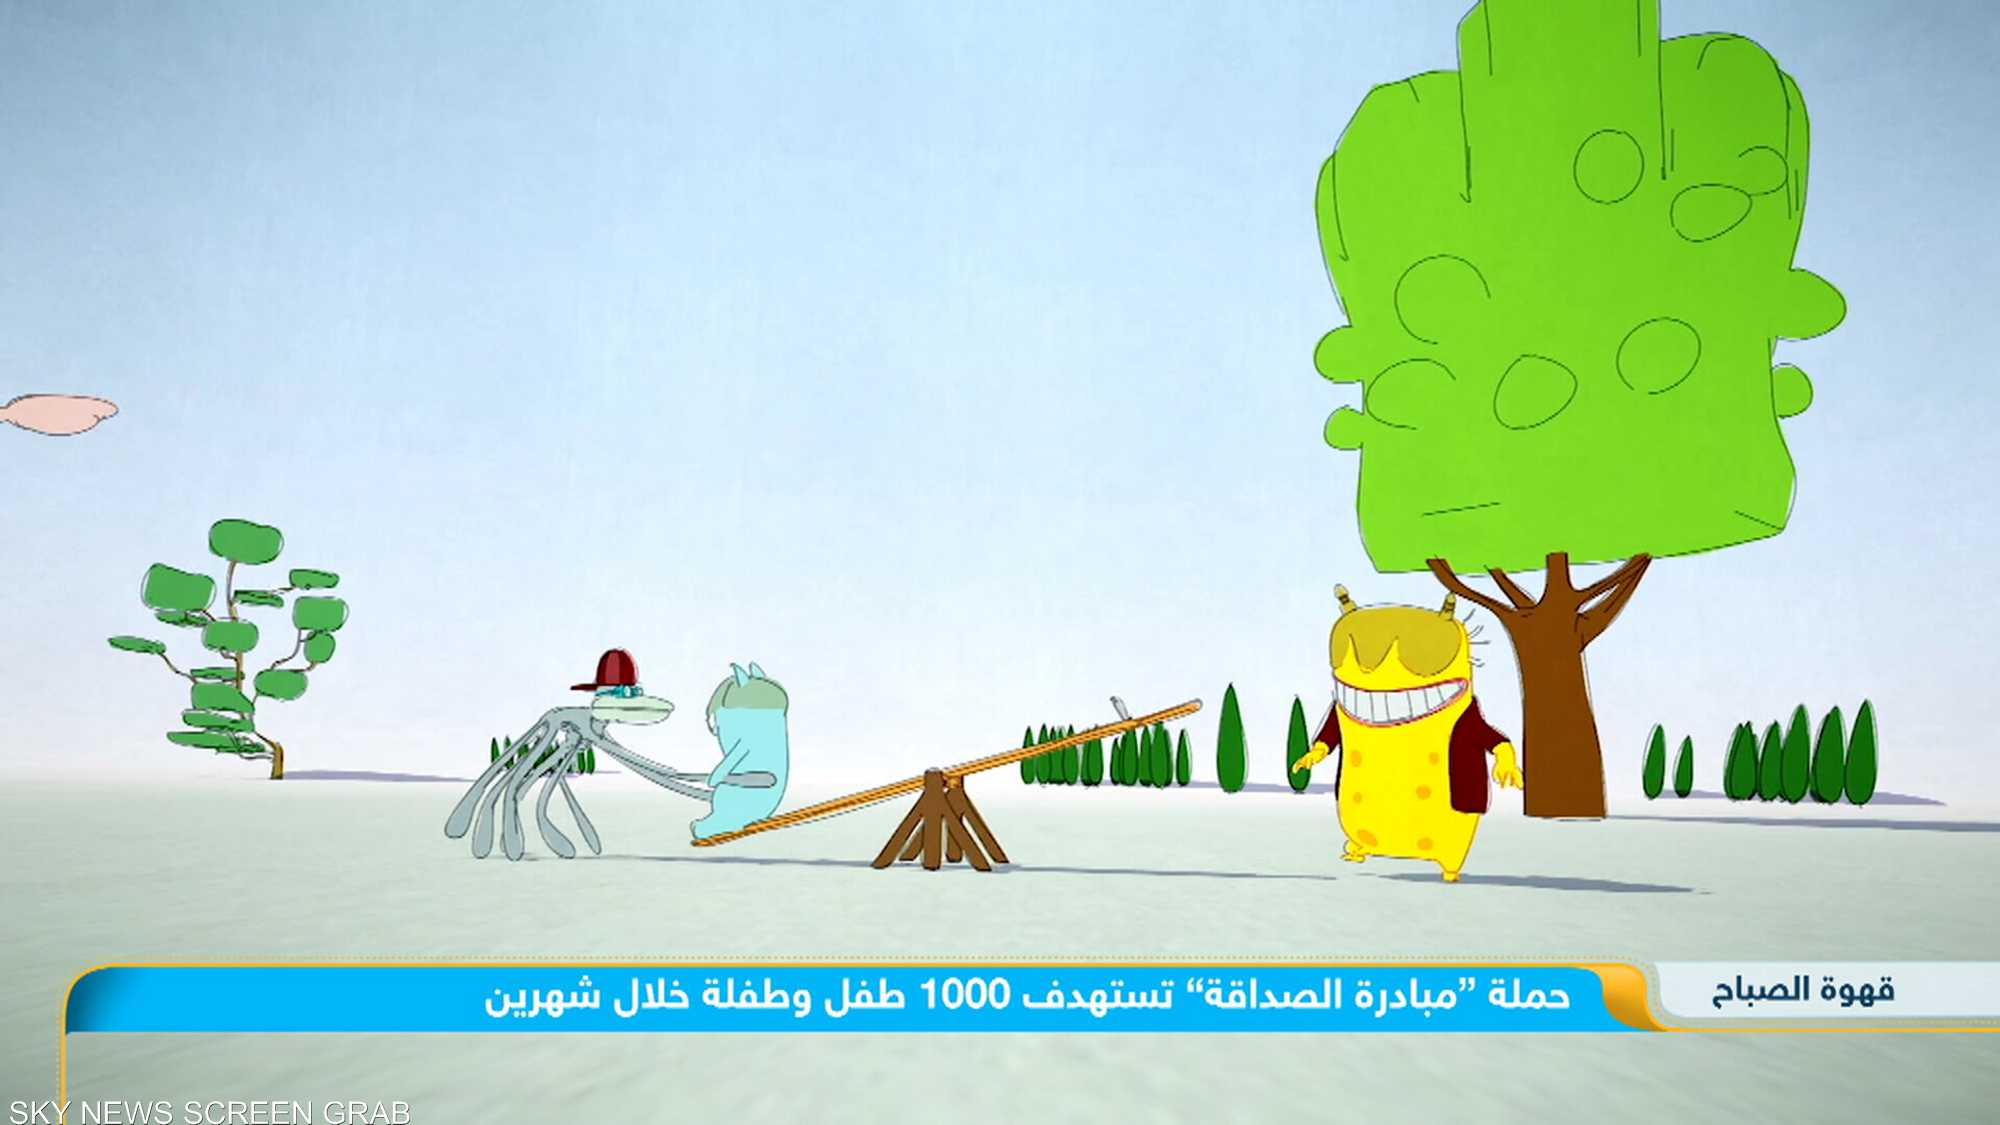 """""""مبادرة الصداقة"""" تستهدف 1000 طفل وطفلة خلال شهرين"""